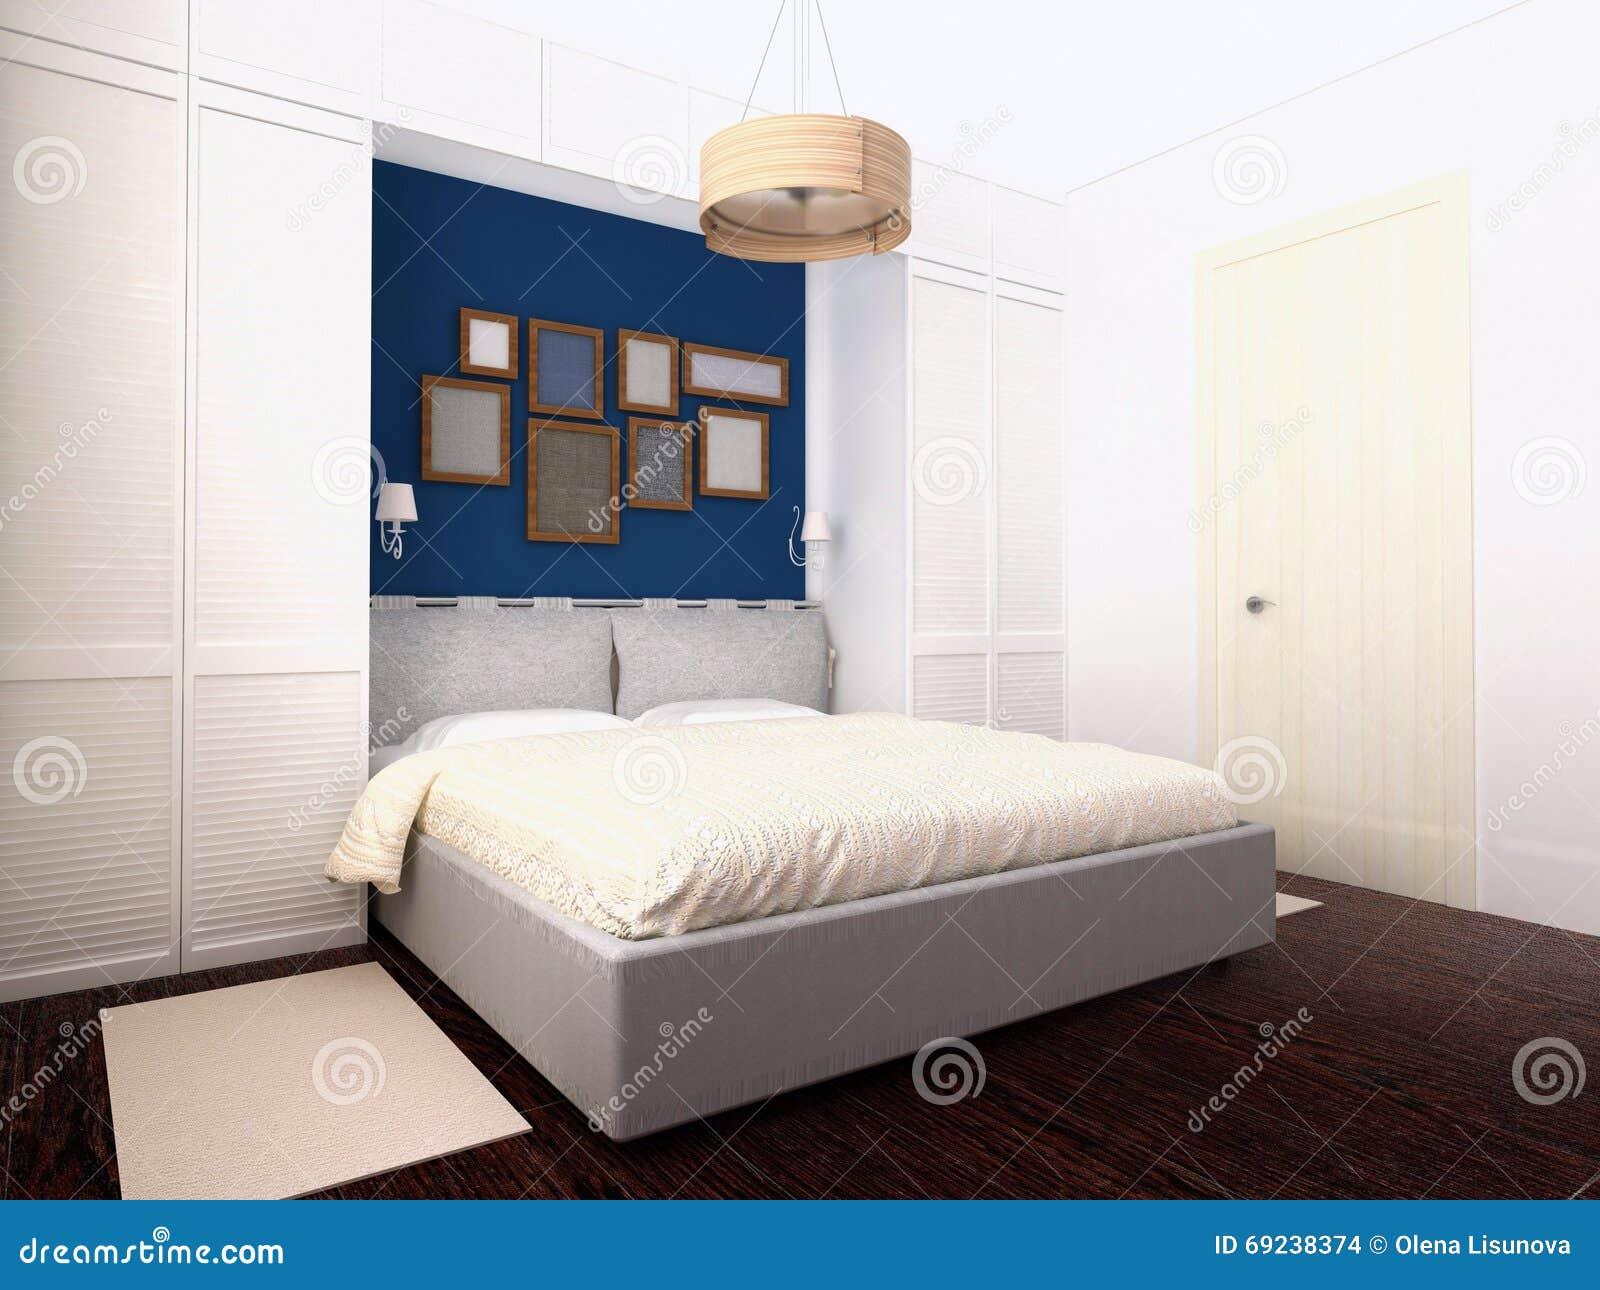 Dipingere le pareti blu avio immagini - Dipingere pareti camera da letto ...